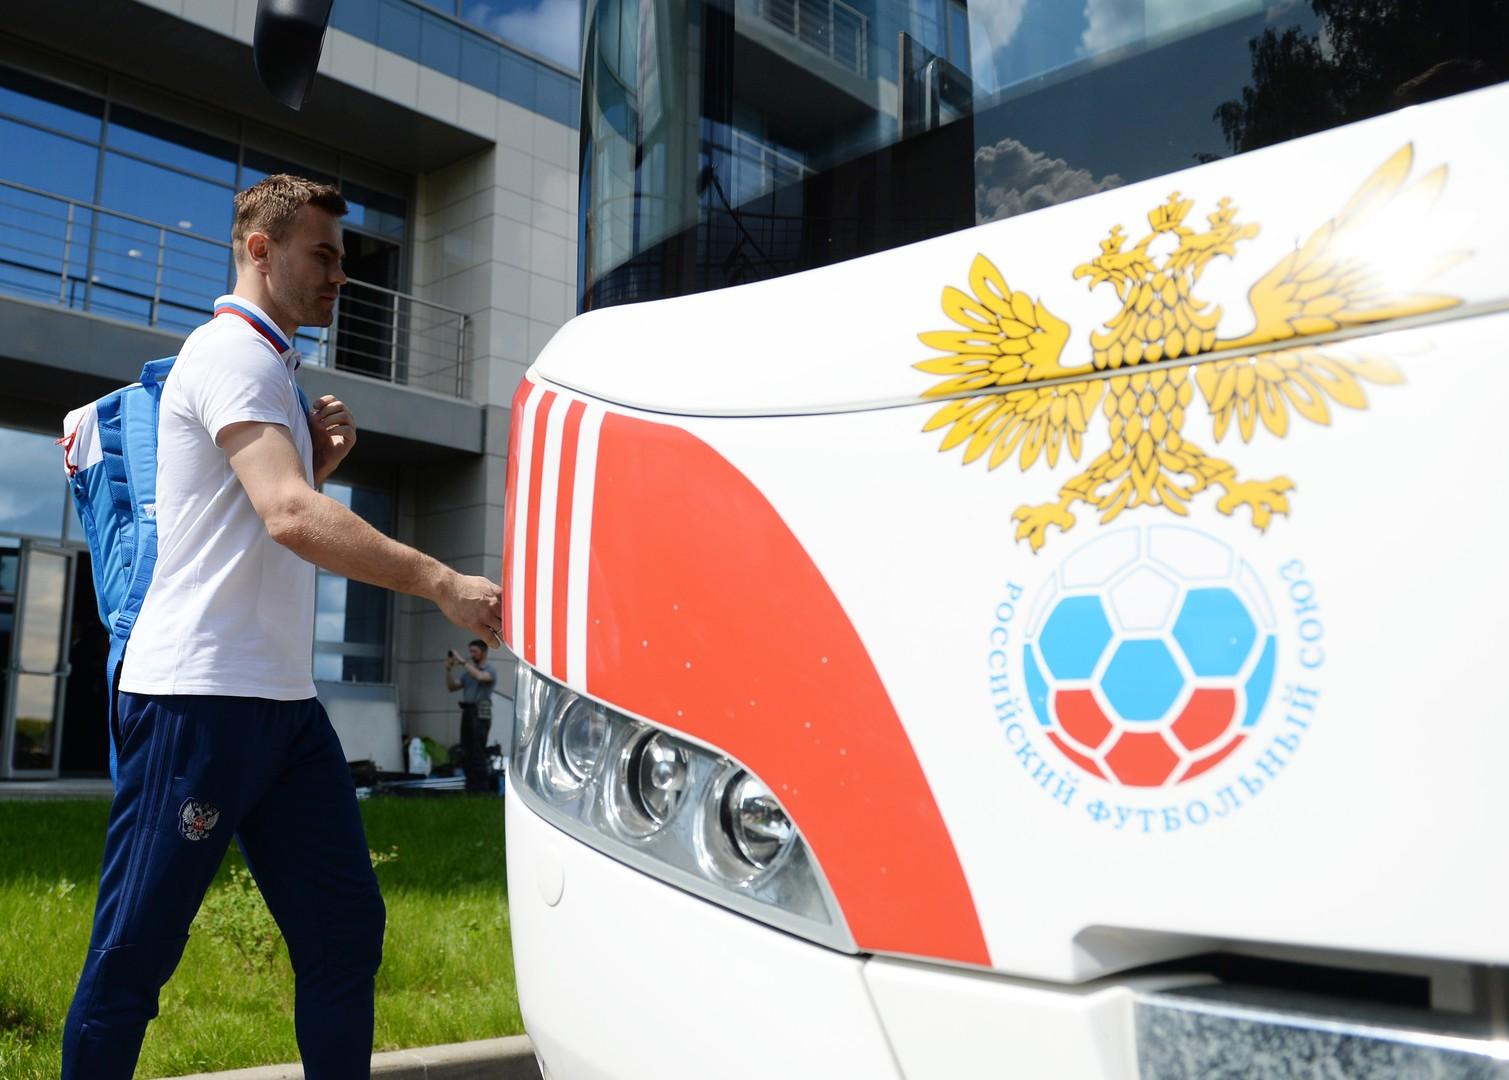 Вратарь сборной России Игорь Акинфеев в аэропорту «Шереметьево» перед вылетом на чемпионат Европы по футболу 2016.